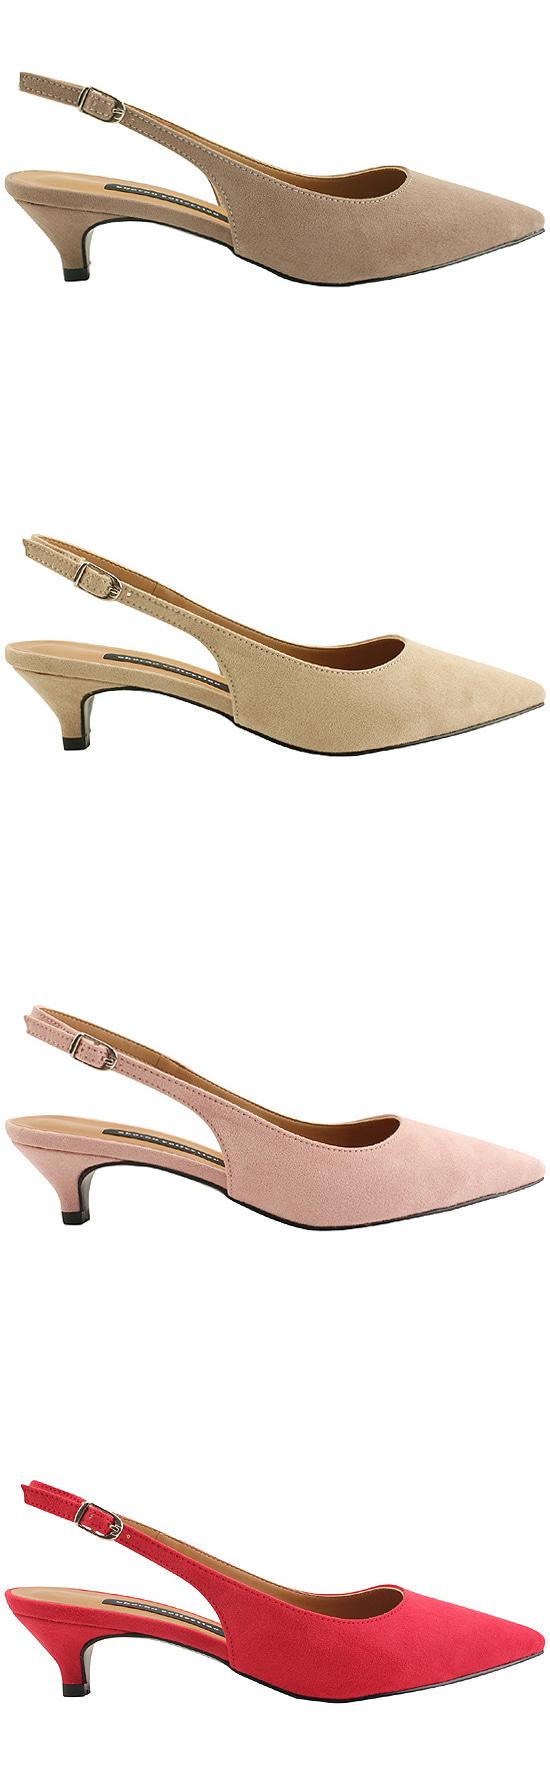 Stiletto Sling Bag Middle Heel 4cm Light Pink